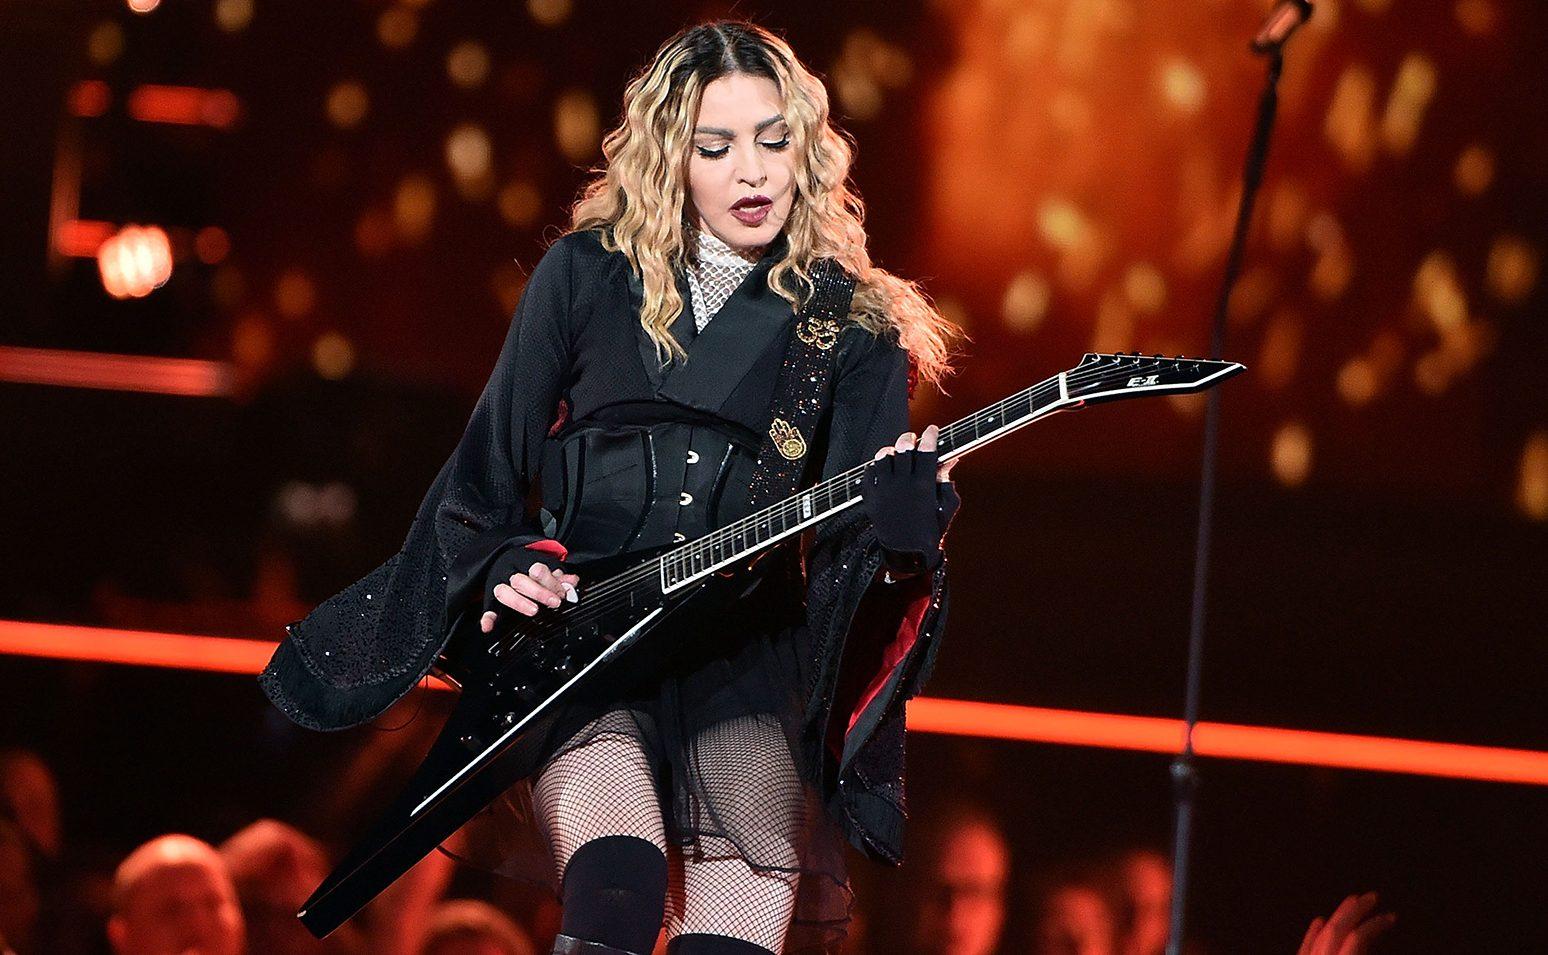 Madonna, İsrail'de Gerçekleşecek Olan Eurovision'da Sahne Alacak!